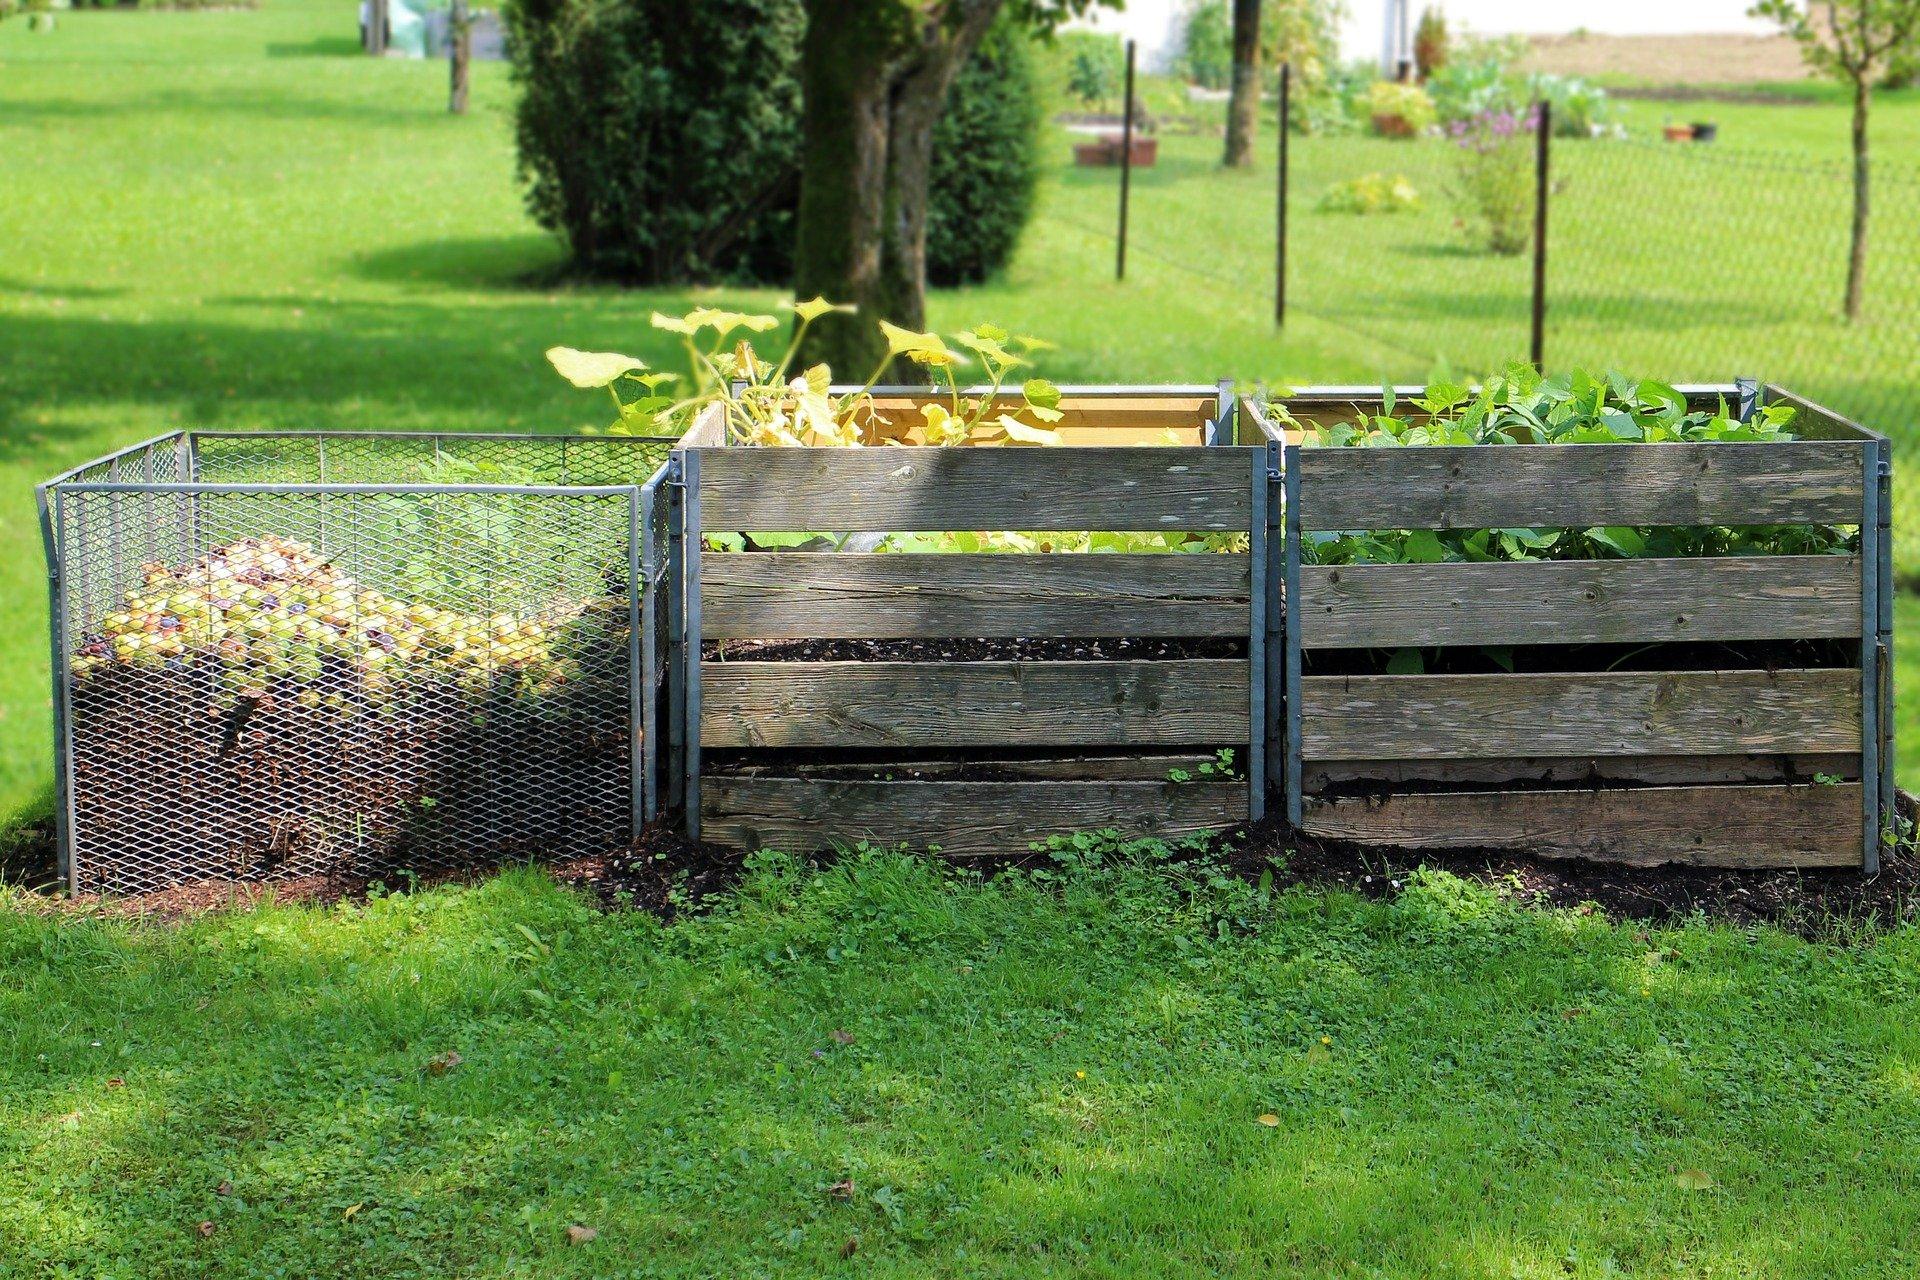 Difficulté à déployer des systèmes de compost